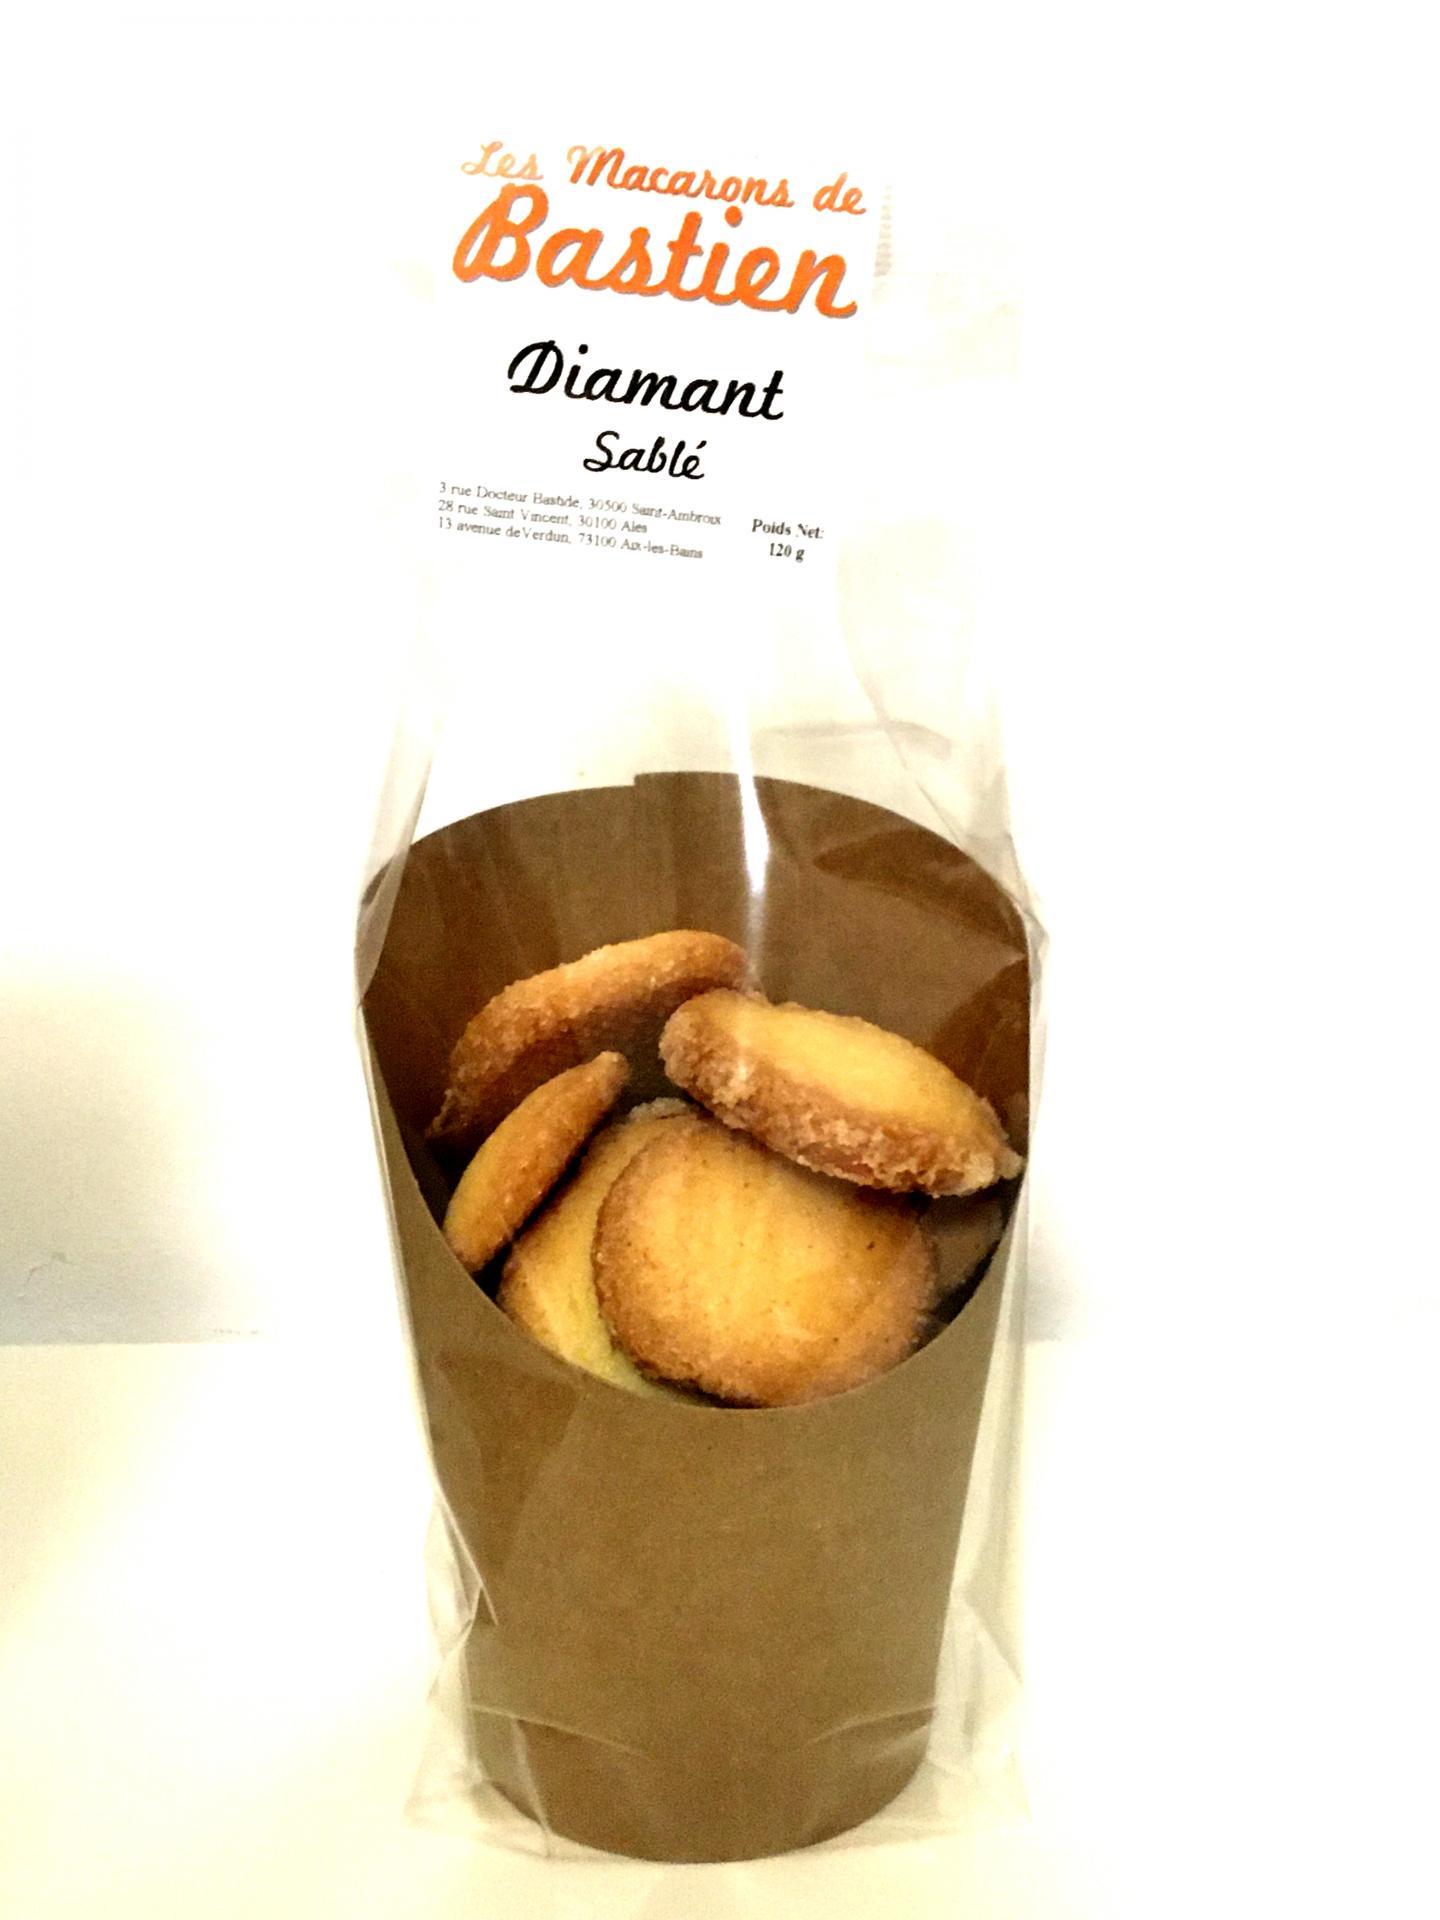 Biscuits diamant sable les macarons de bastien 120g